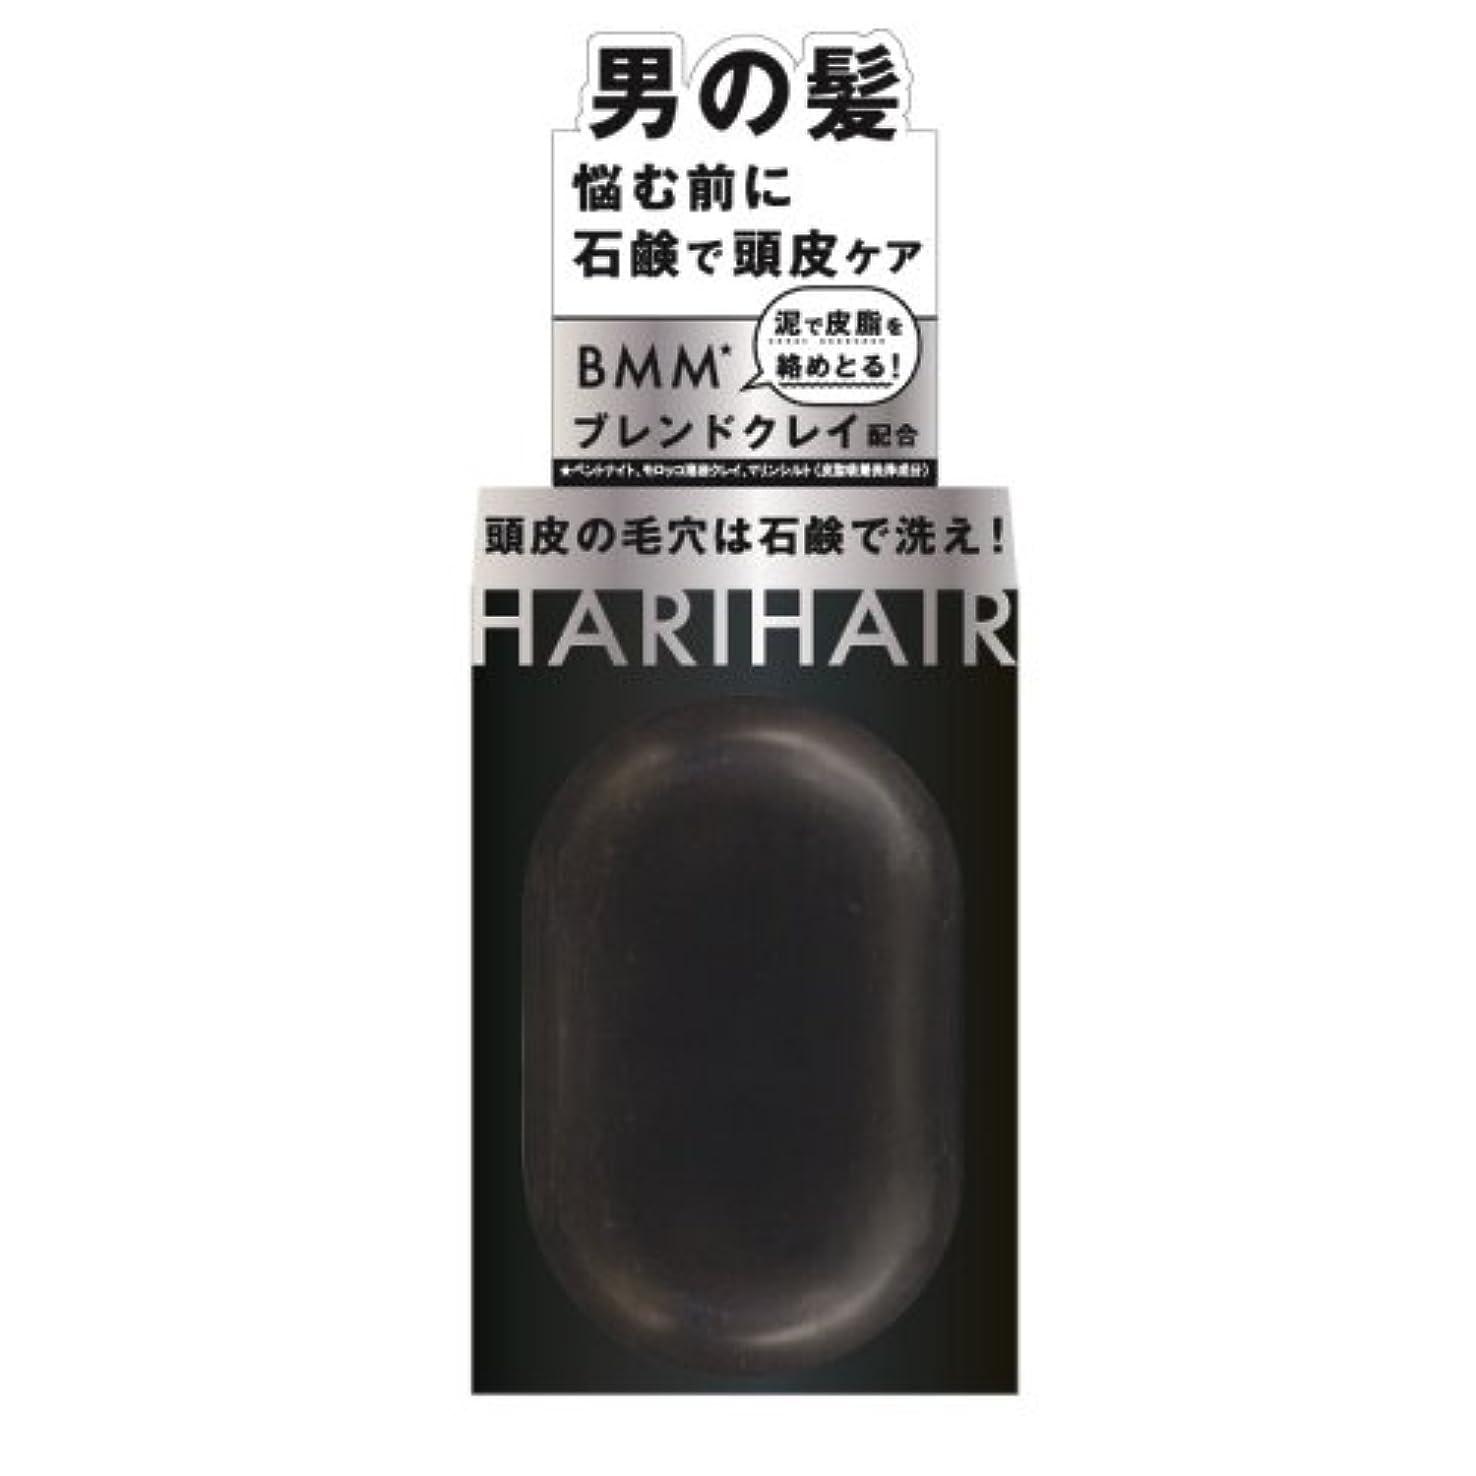 出口アブセイ温度ペリカン石鹸 ハリヘア 固形シャンプー 100g